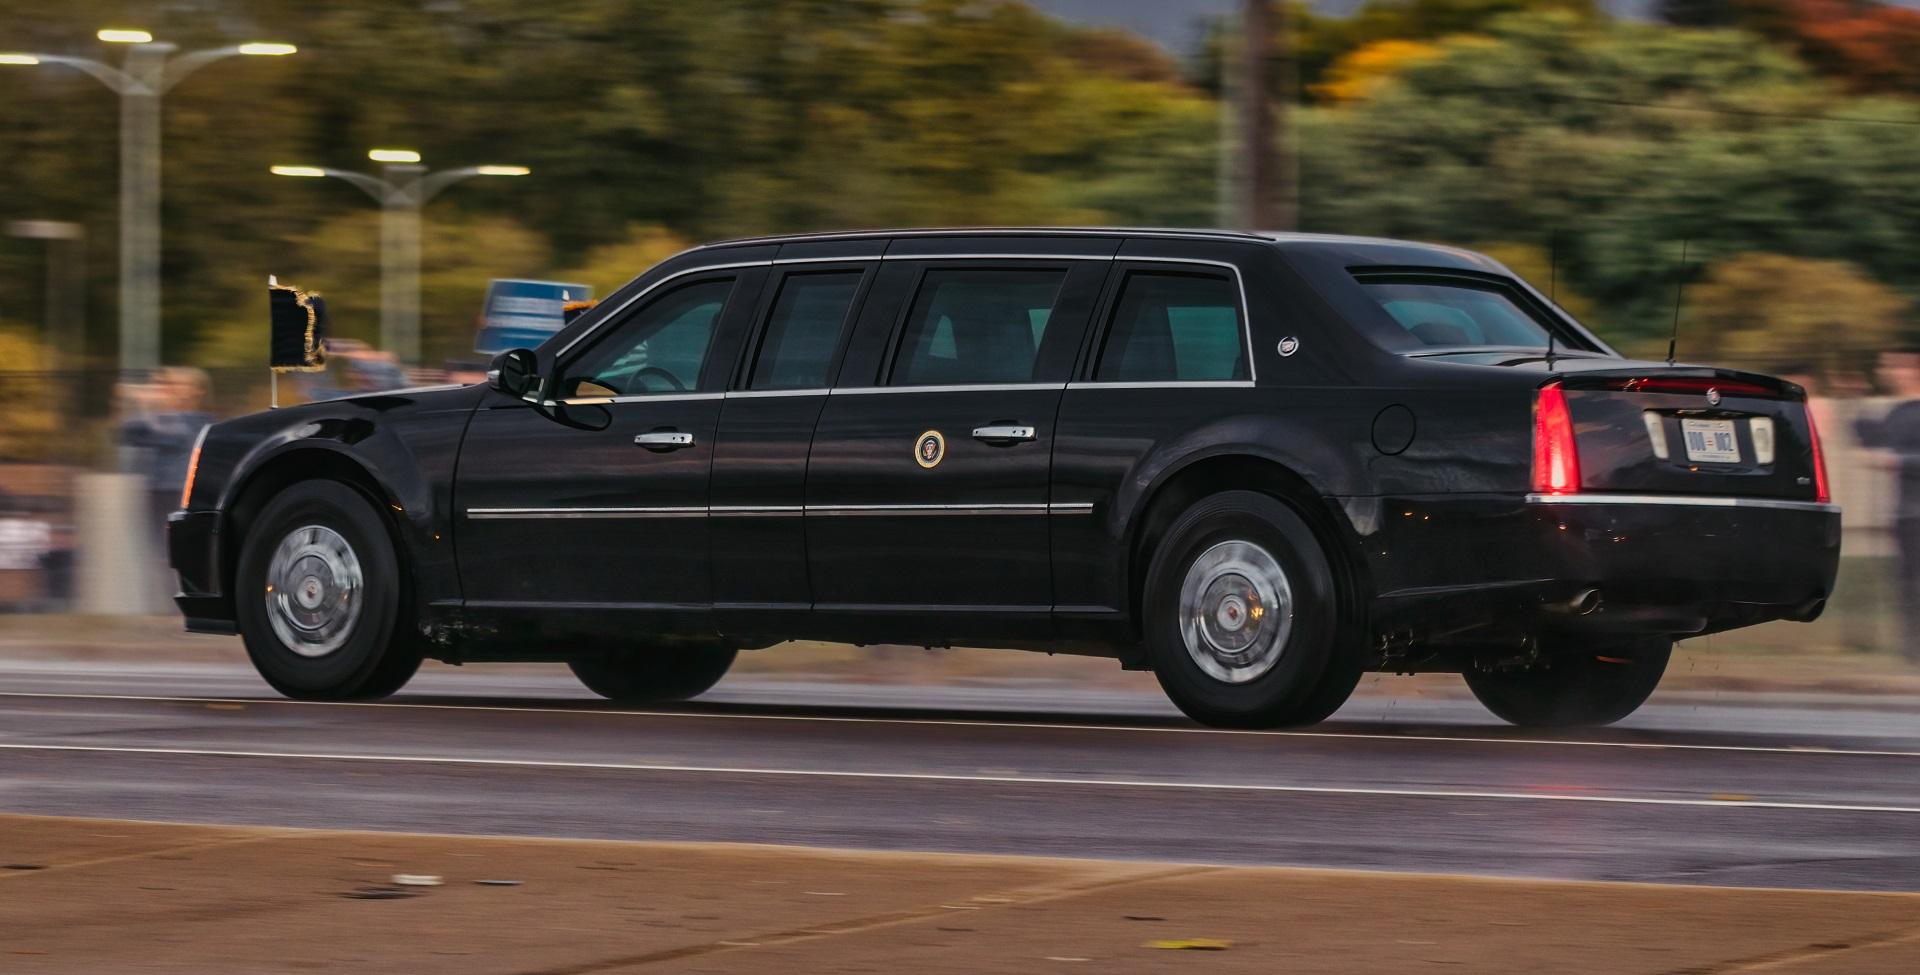 MP3 - NEWS (05.10.20) Stirbt Trumps Präsidentschaft mit COVID oder an COVID?